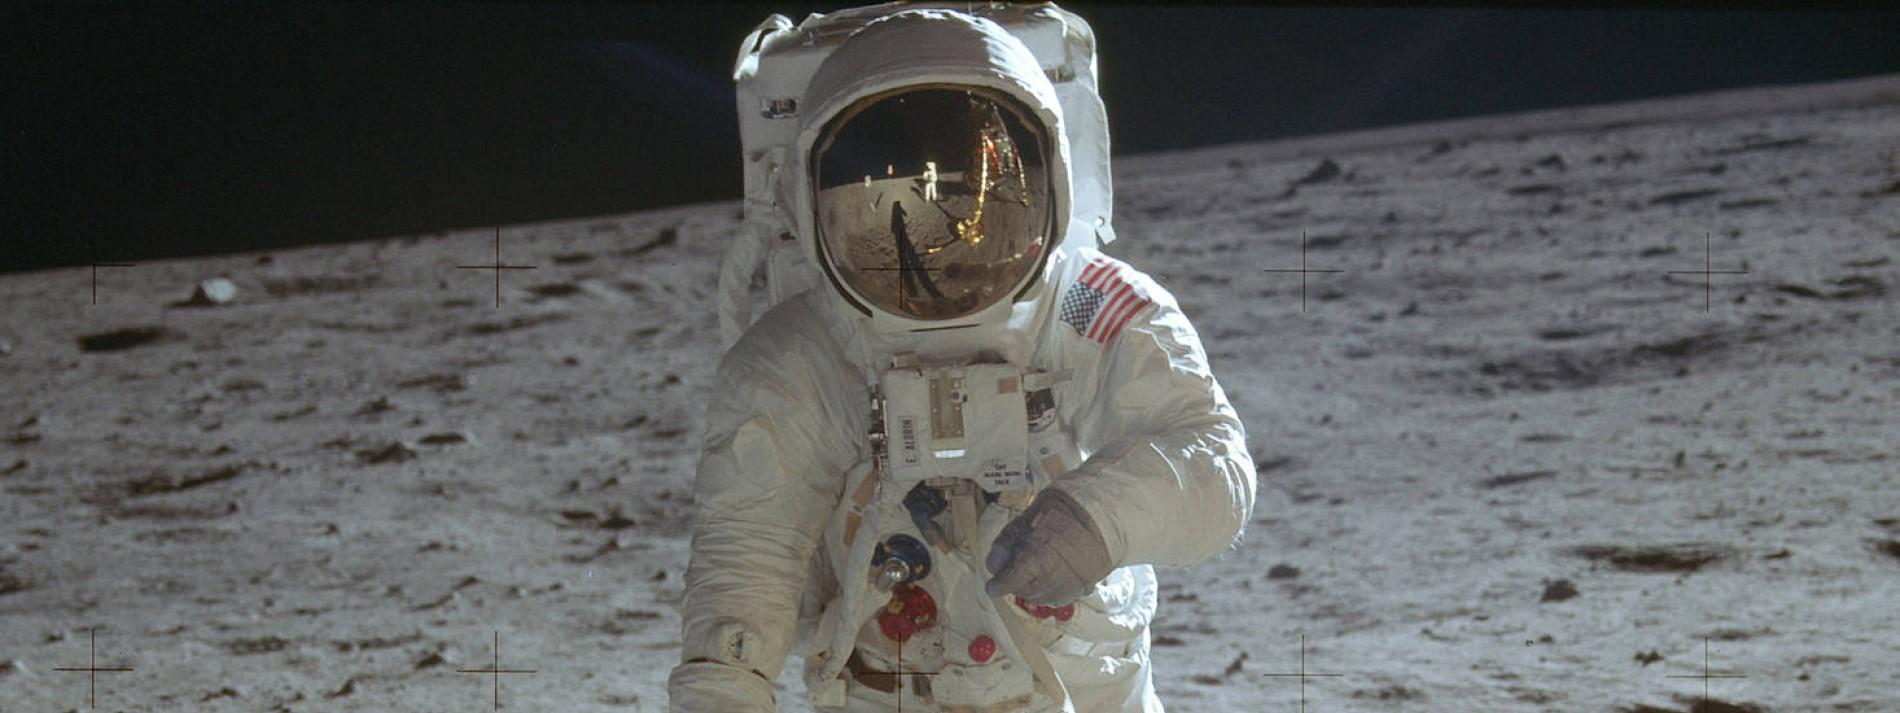 Der Mond war der Gipfel seiner Welt